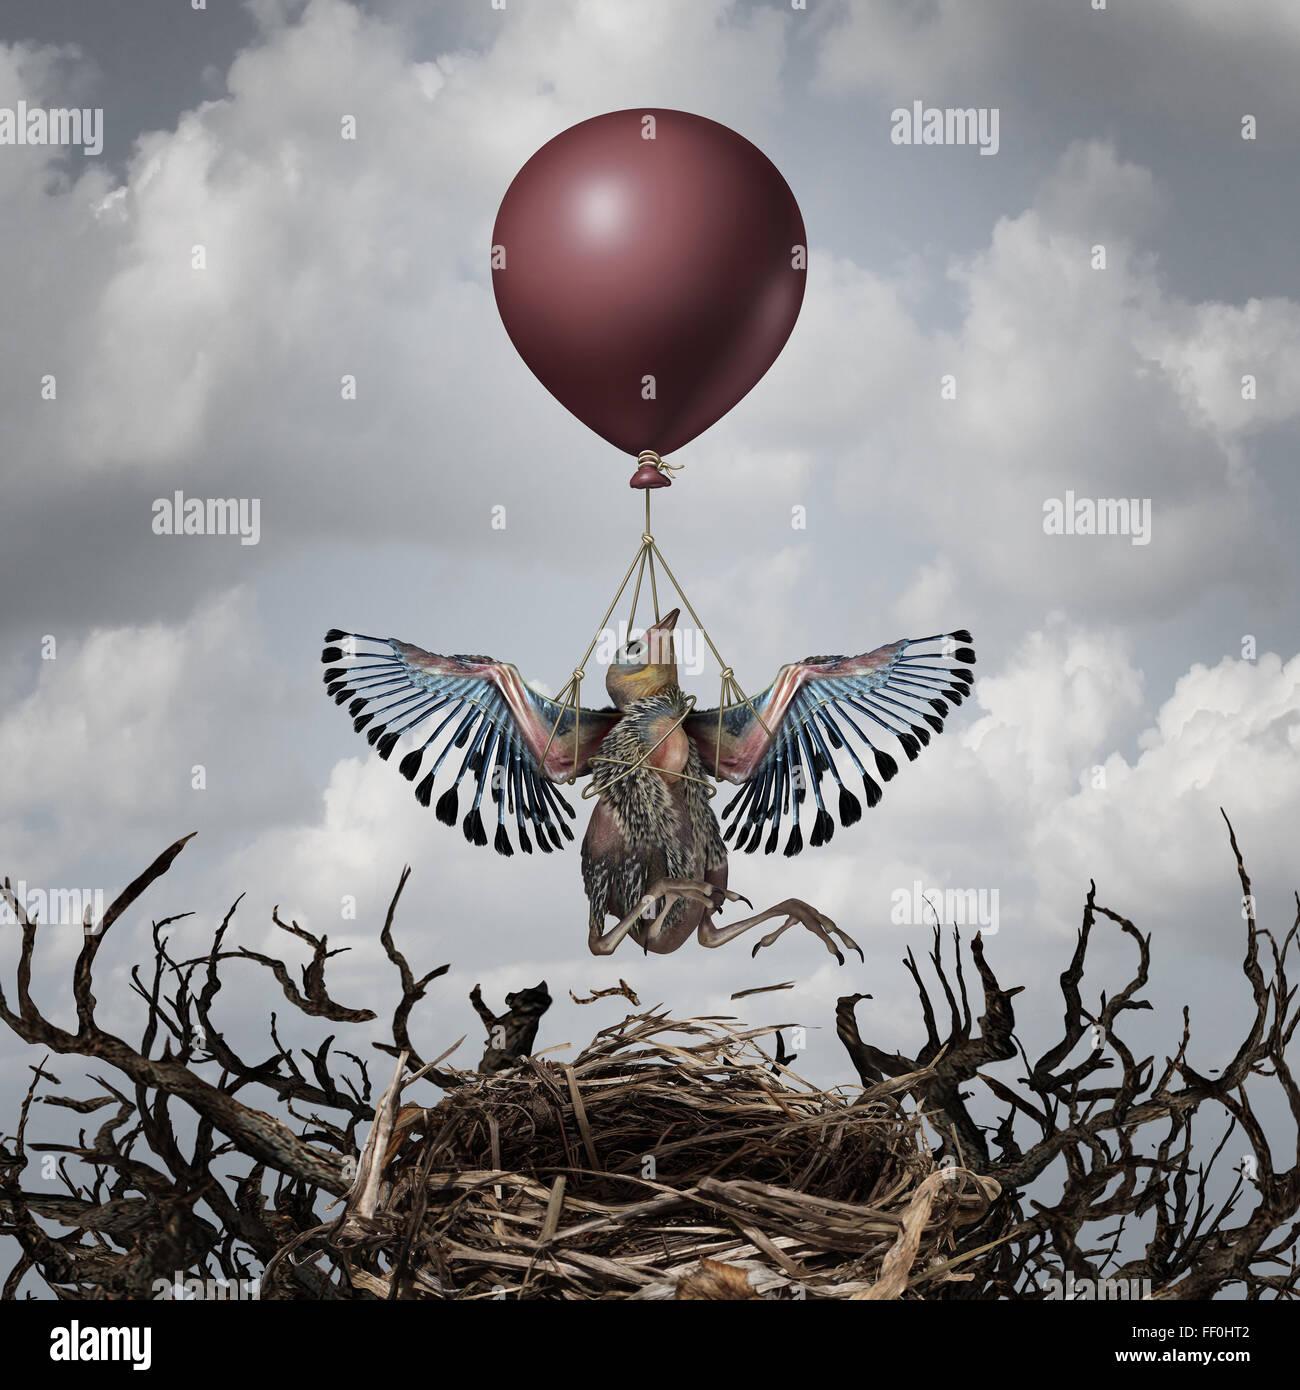 Support-Konzept und frühe Hilfe Metapher zu helfen, wie ein Baby Vogel wird in den Himmel durch einen Ballon als Stockfoto